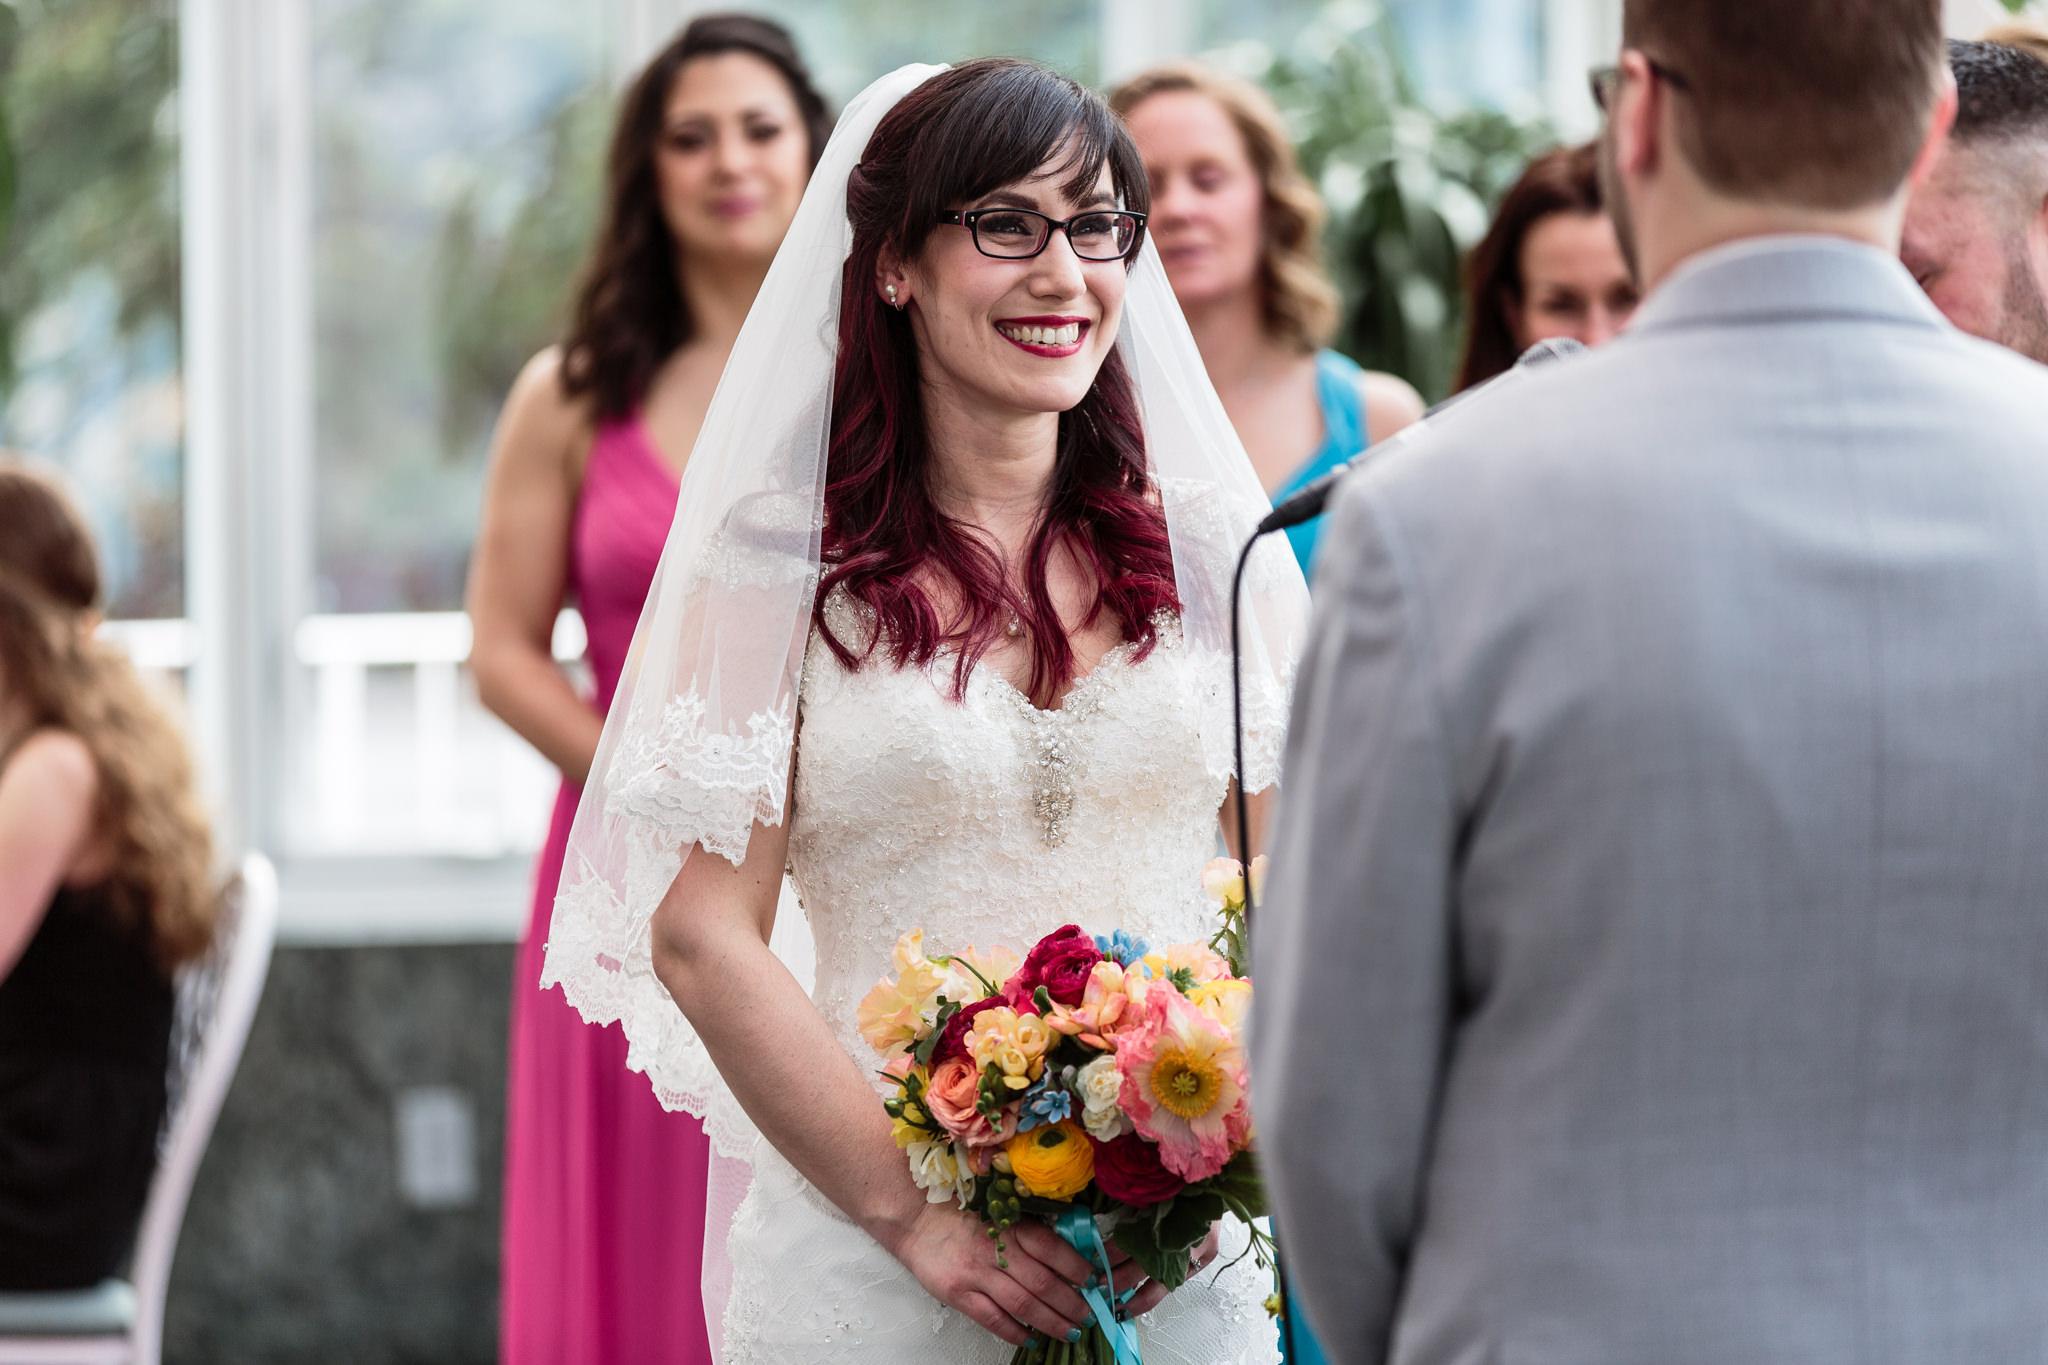 Hanchar_Madison_Hotel_NJ_Wedding_GDM_7629.jpg